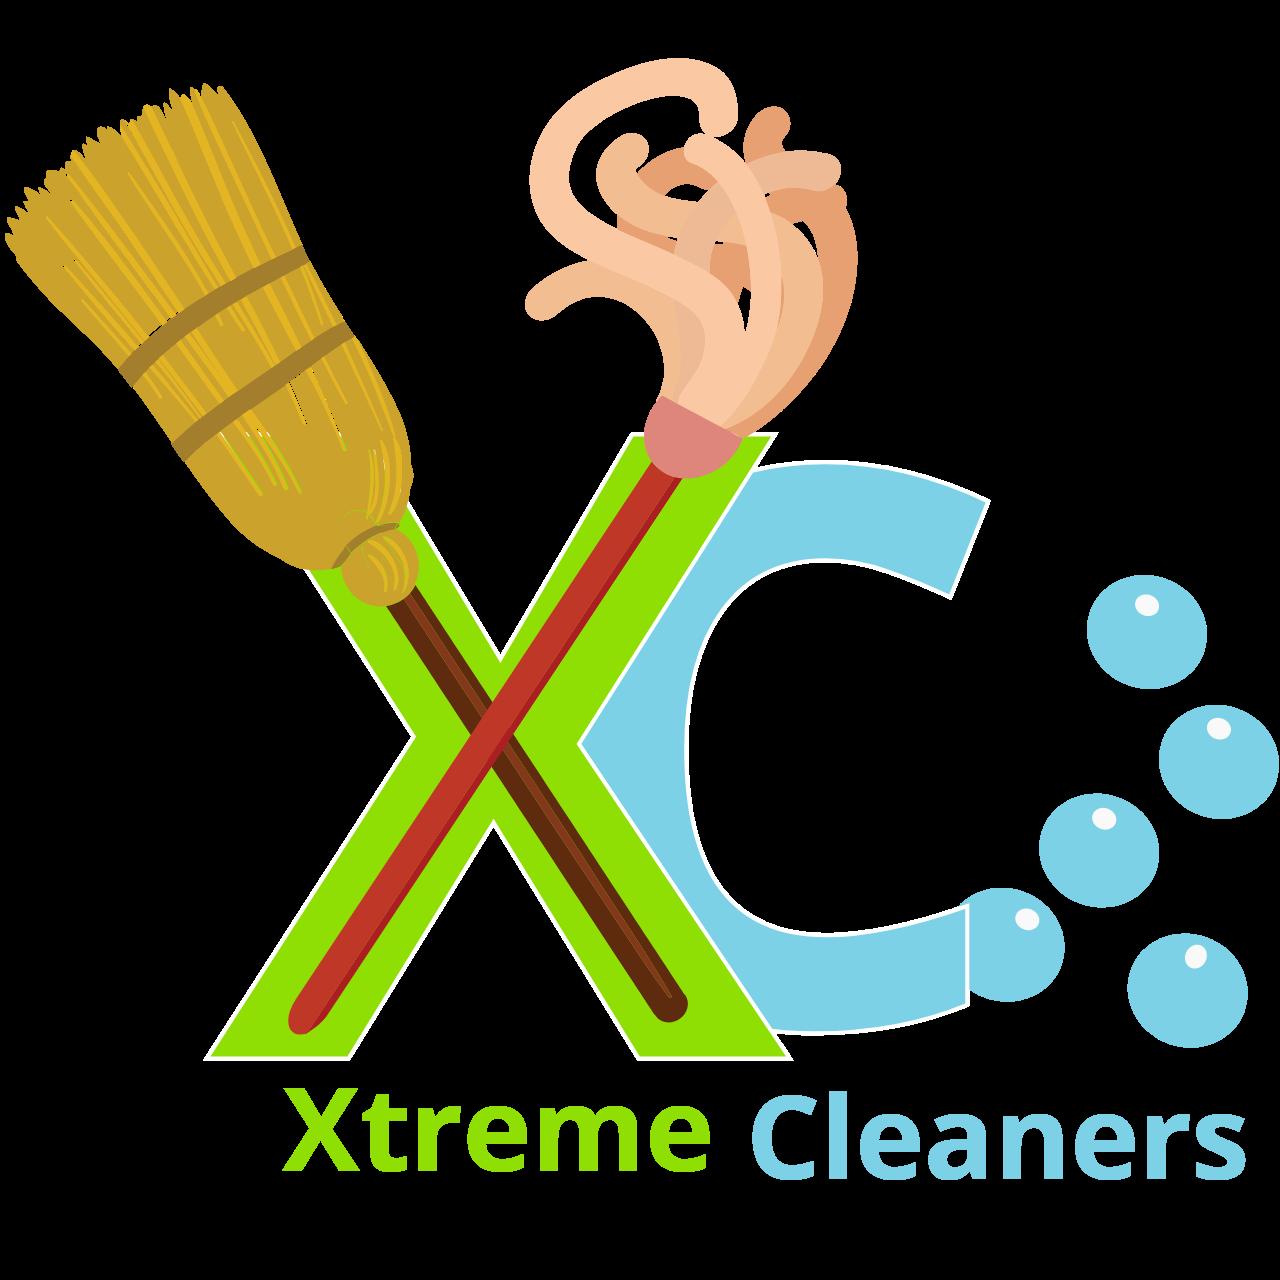 Xtreme Cleaners - Lancaster, Lancashire LA1 5RY - 07923 314103 | ShowMeLocal.com